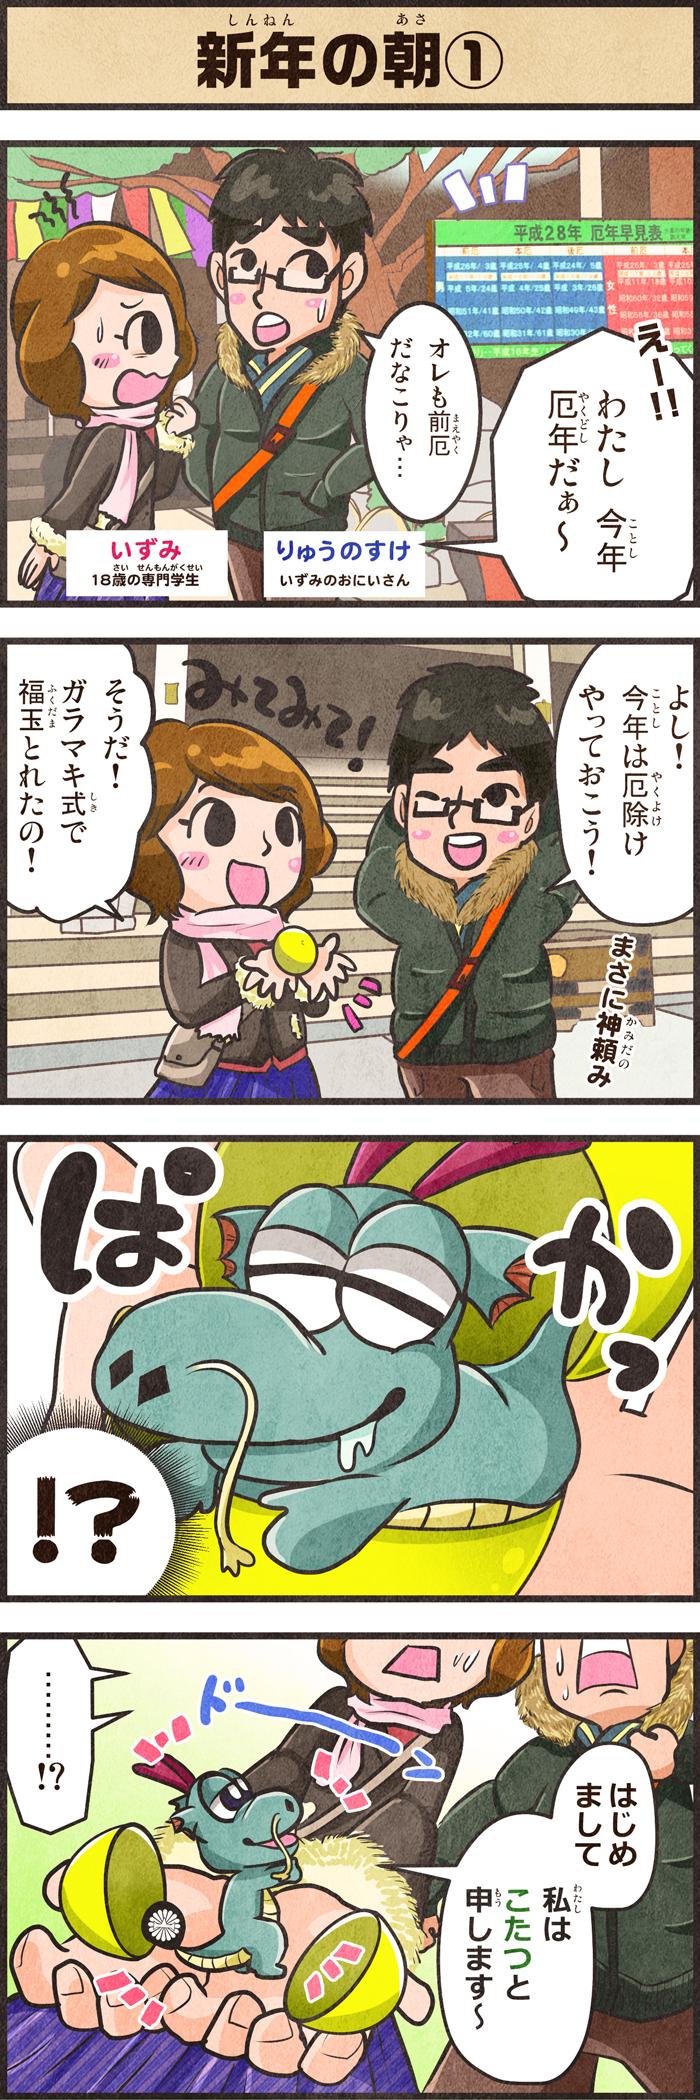 160128_kotatsu_4koma_1